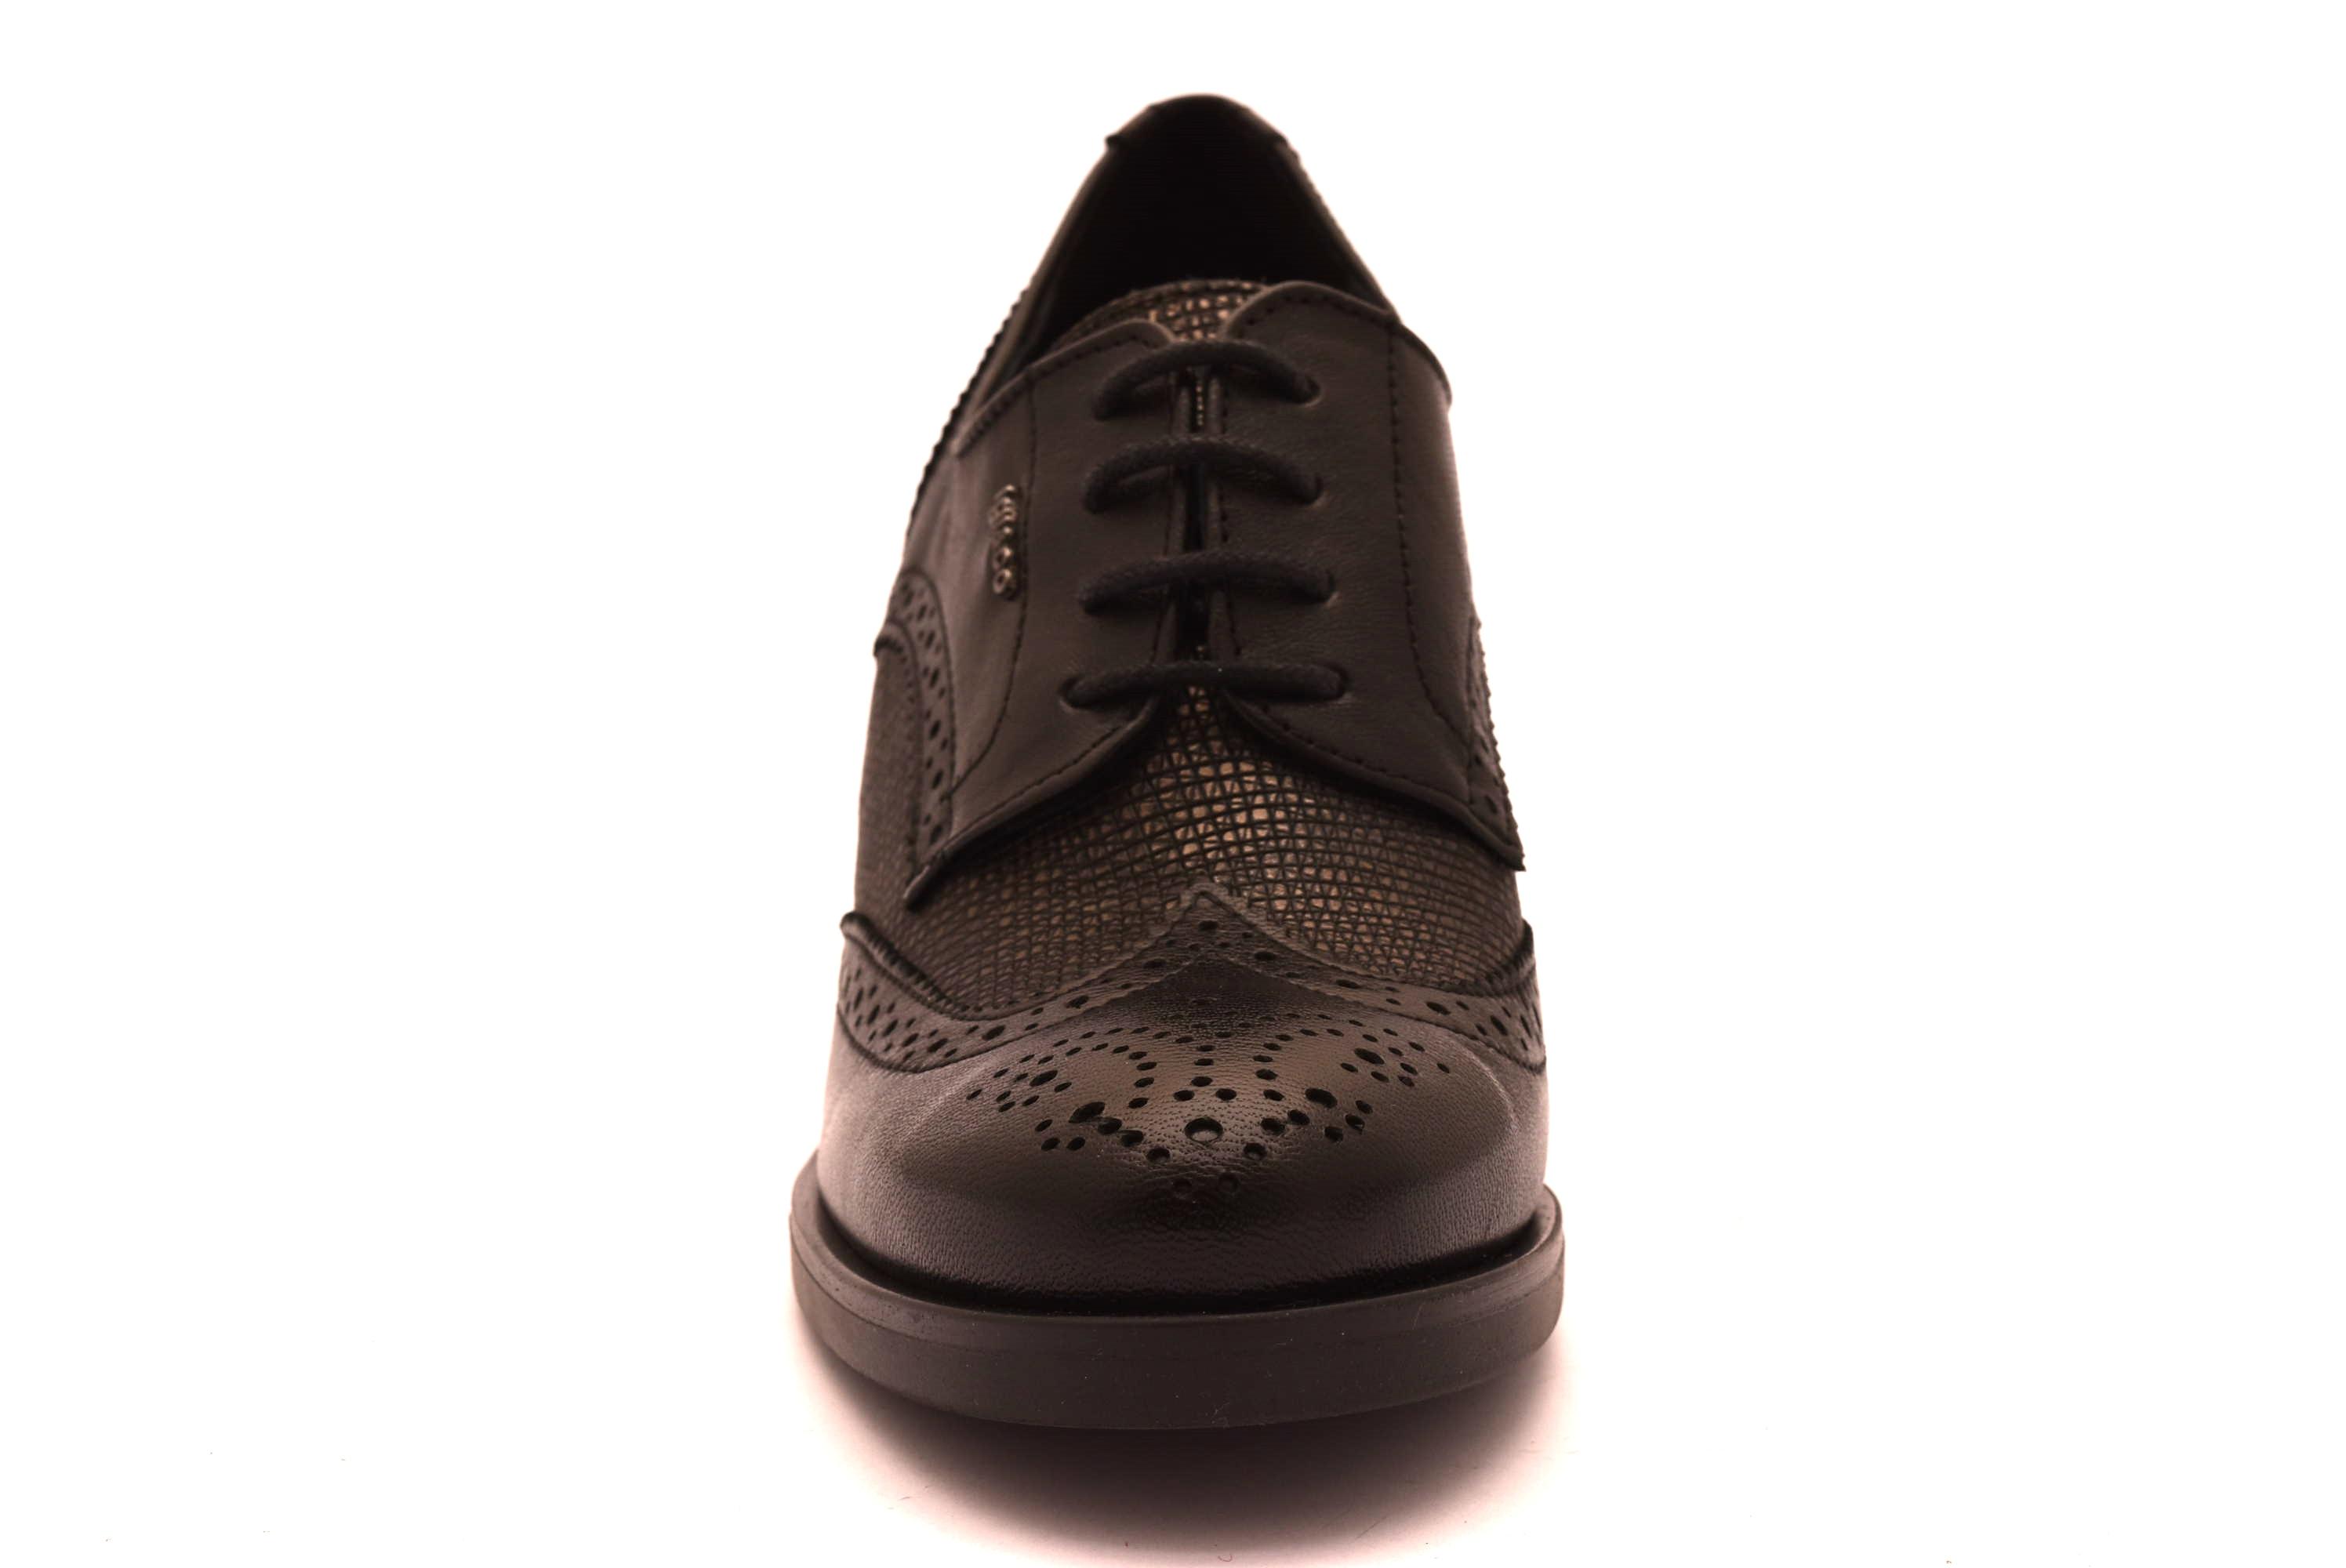 it Scarpe Igieco Donna Shoesmyfriends Invernali 2188500 Nero fFFPH 68018ed1d96